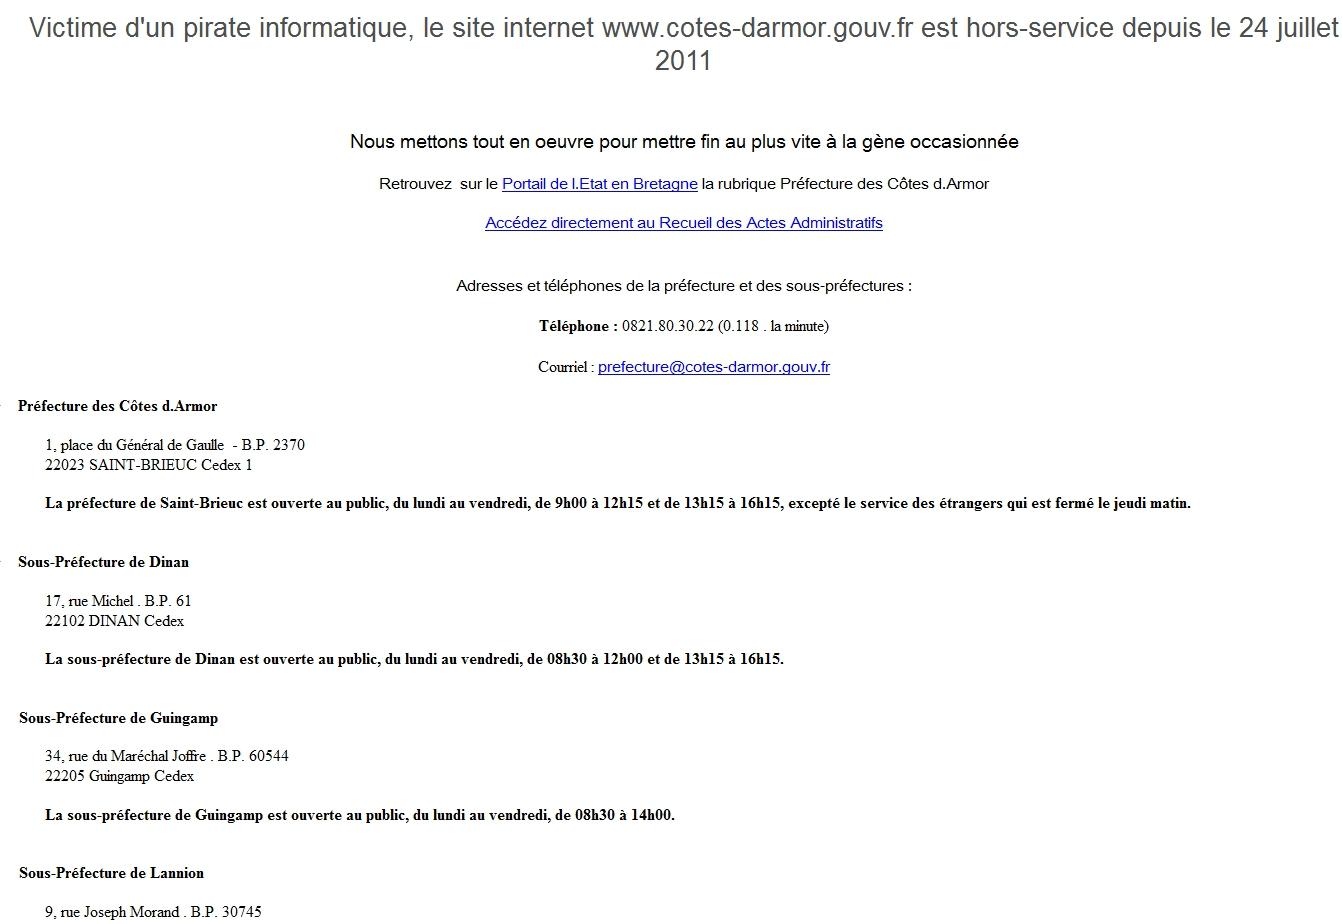 Page d'accueil de la préfecture des Côtes d'Armor